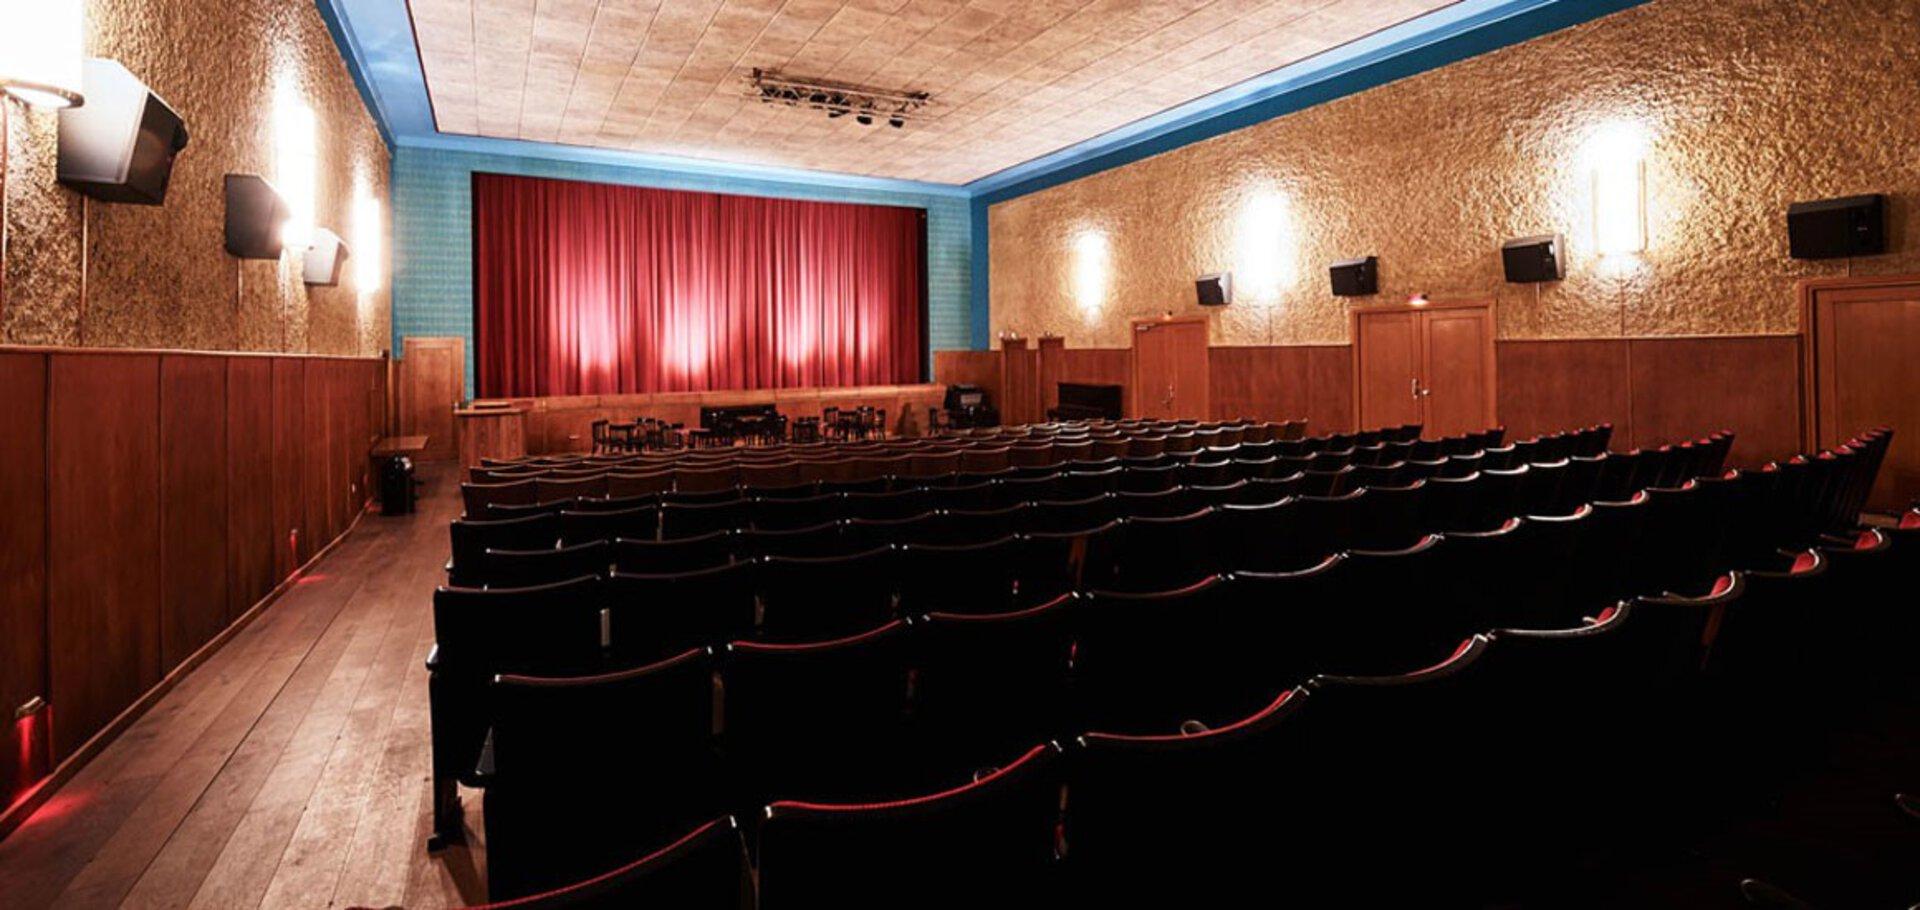 Marias Kino Bad Endorf